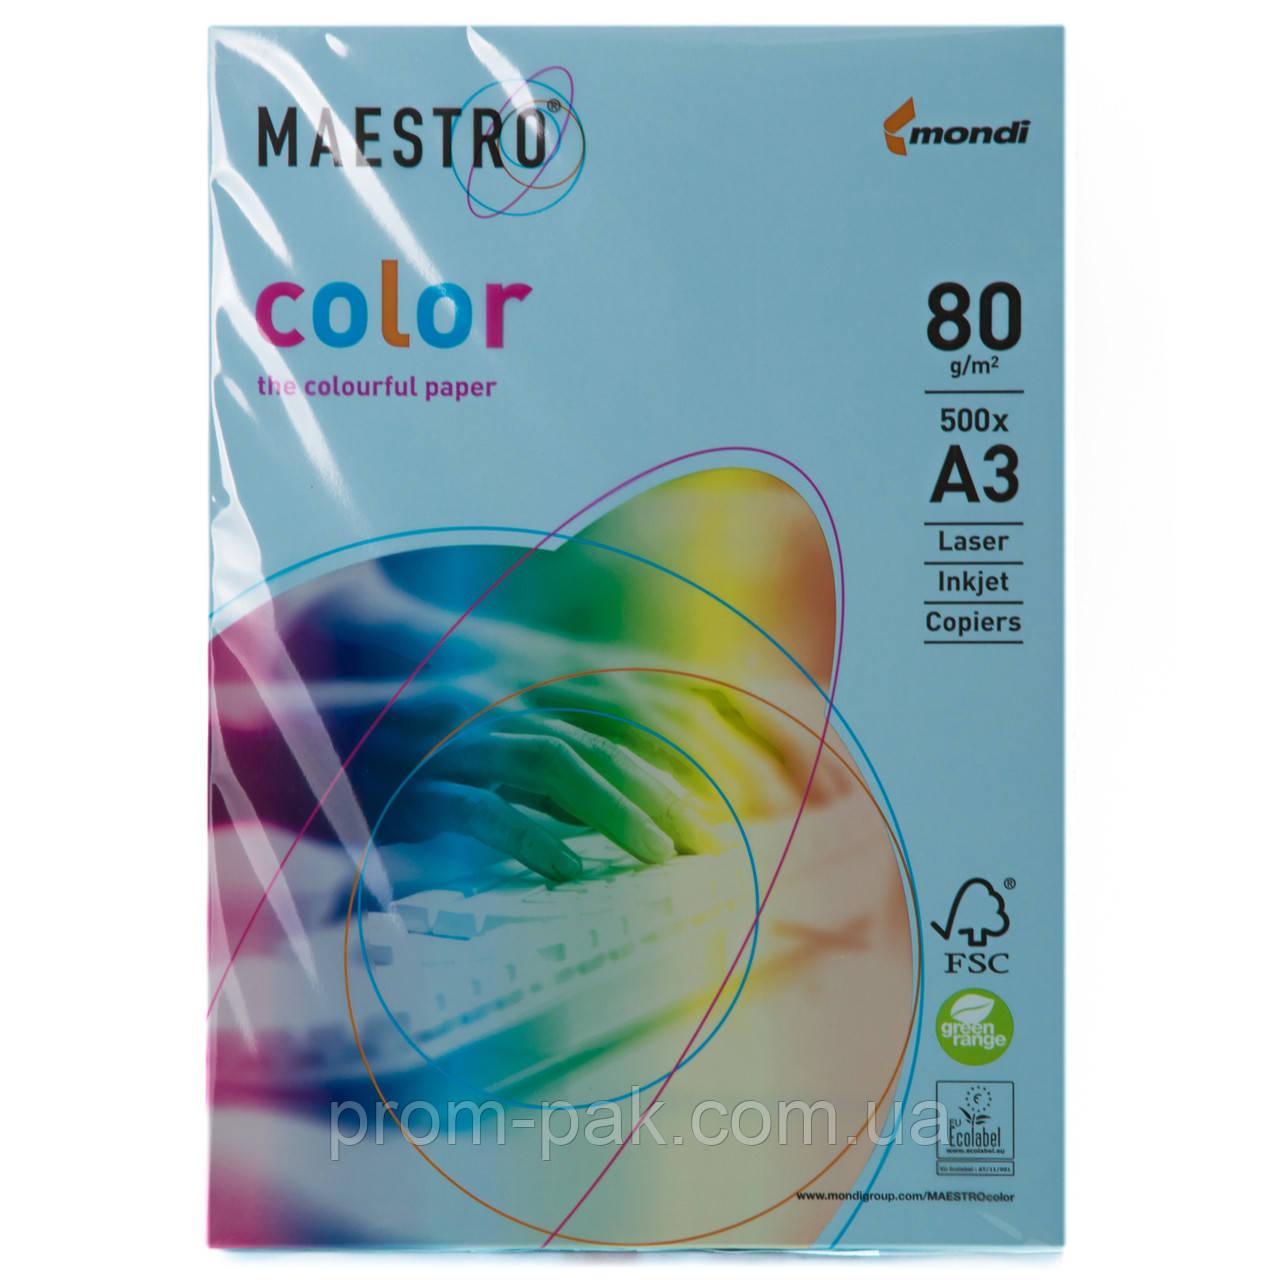 Цветная бумага Маэстро А3 г/м² 80 пастель голубой